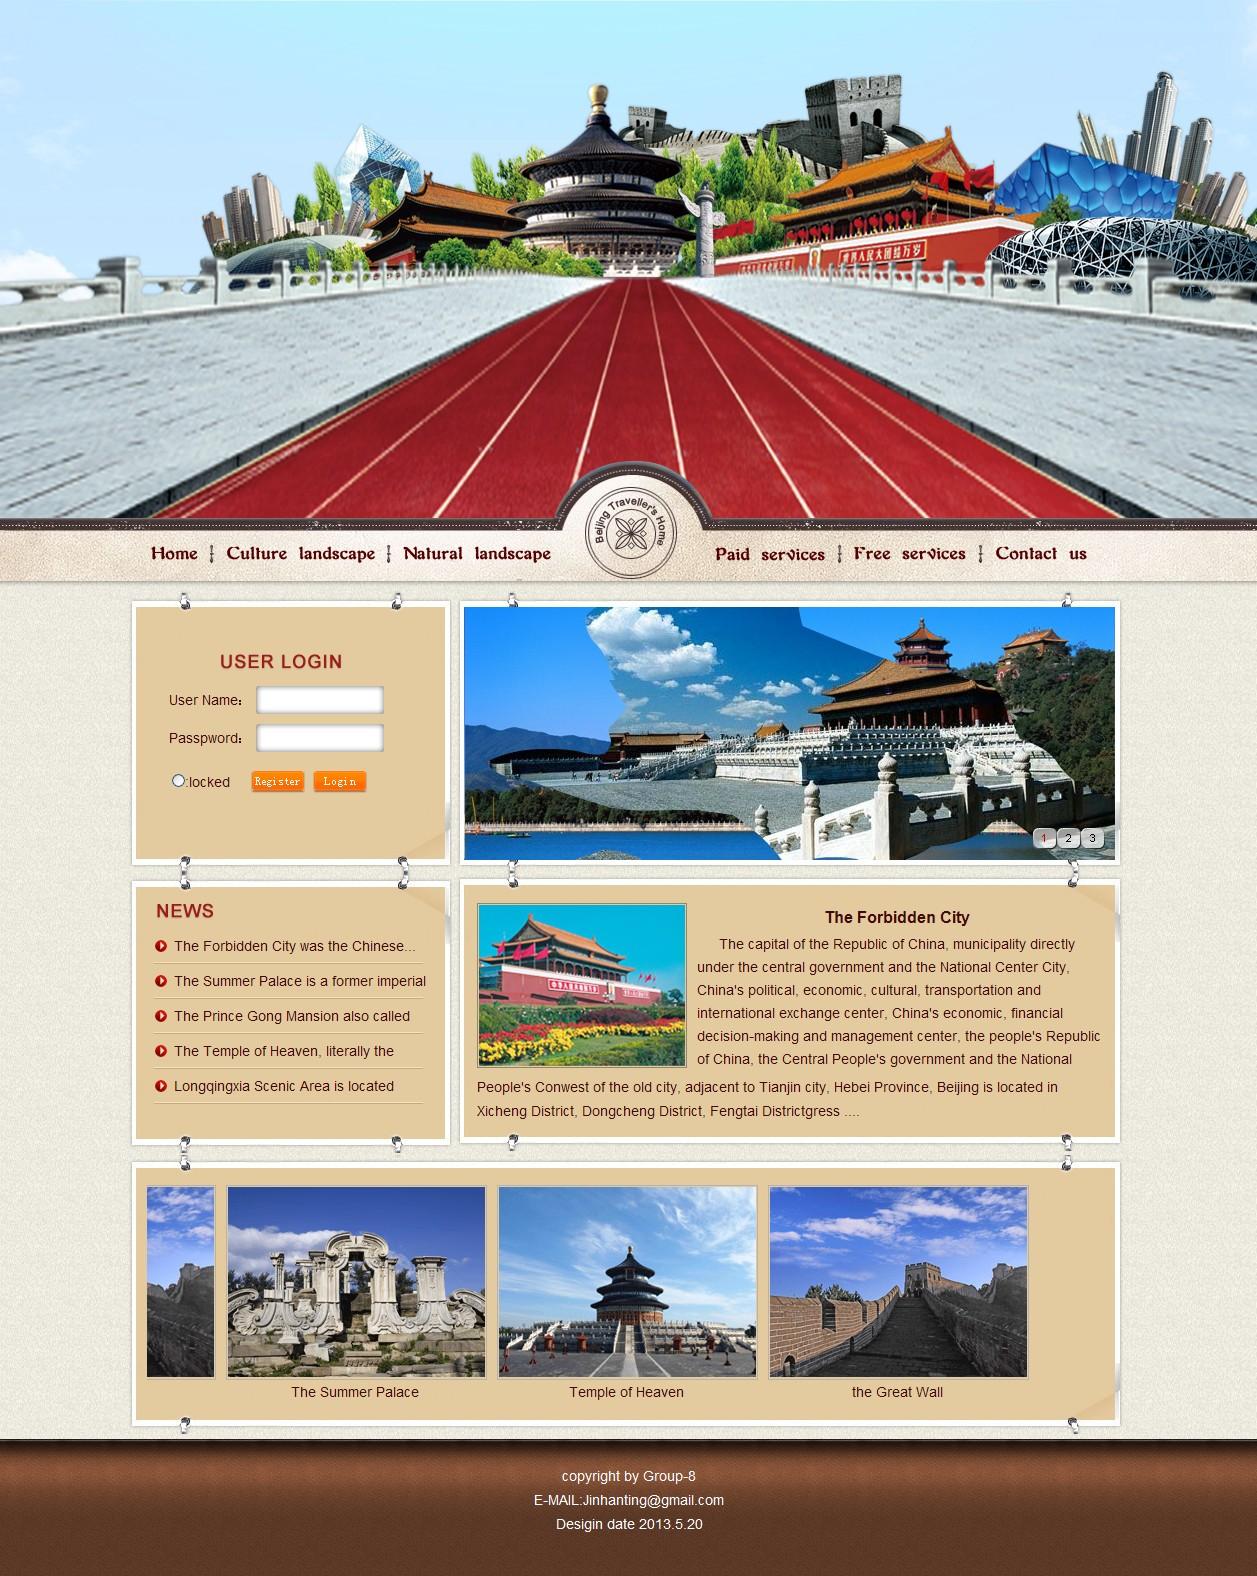 北京旅游题材英文原创网页设计作品